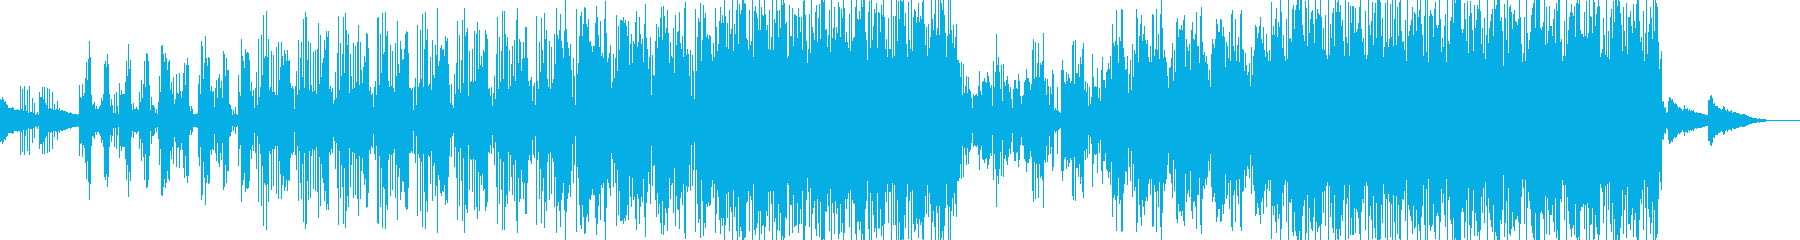 癒し系のエレクトロニカの再生済みの波形